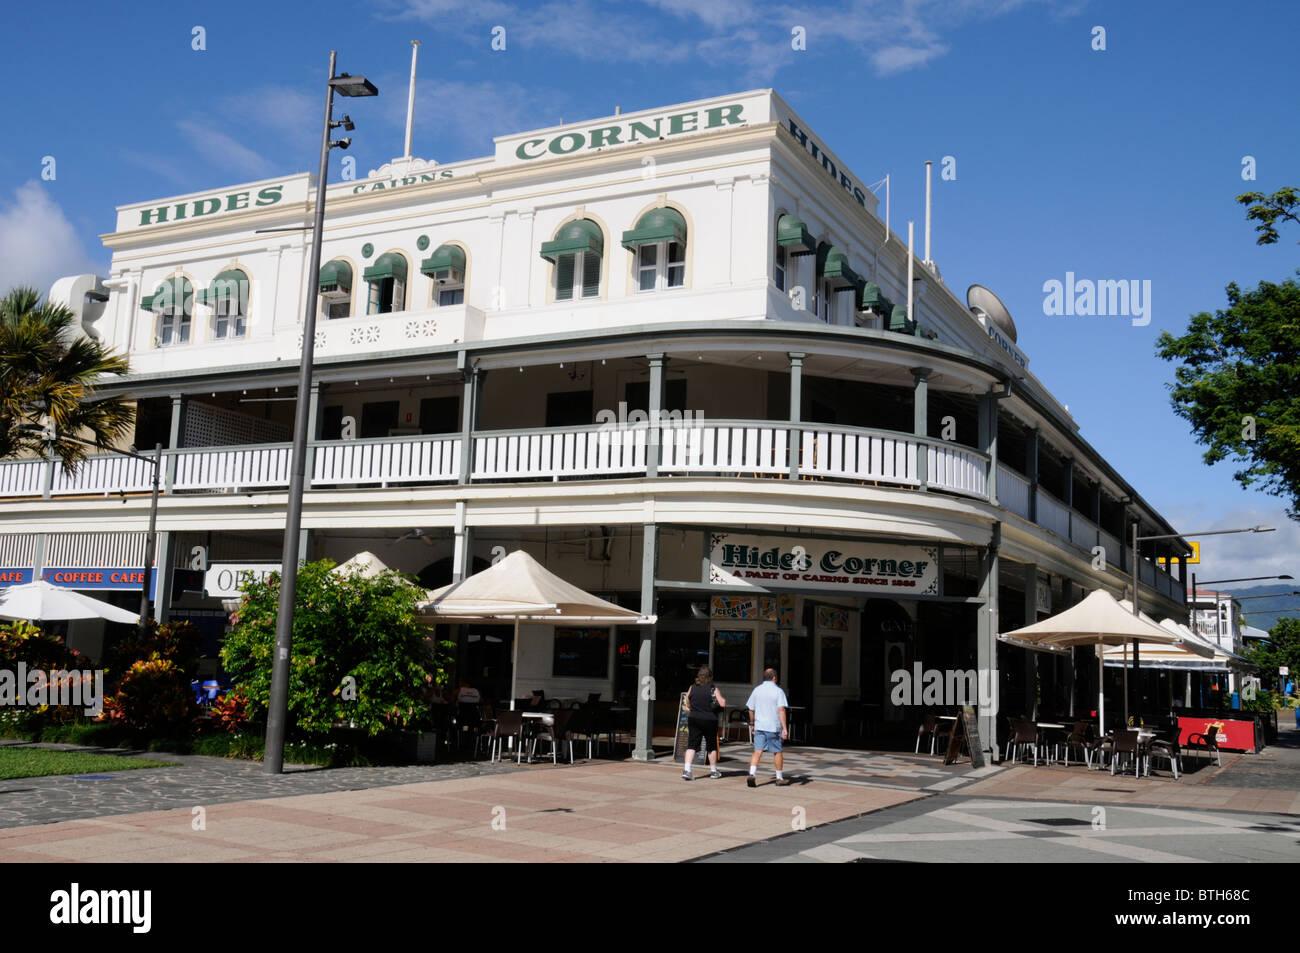 Häute Corner Hotel im Schilde Straße in Cairns, Queensland, Australien Stockbild